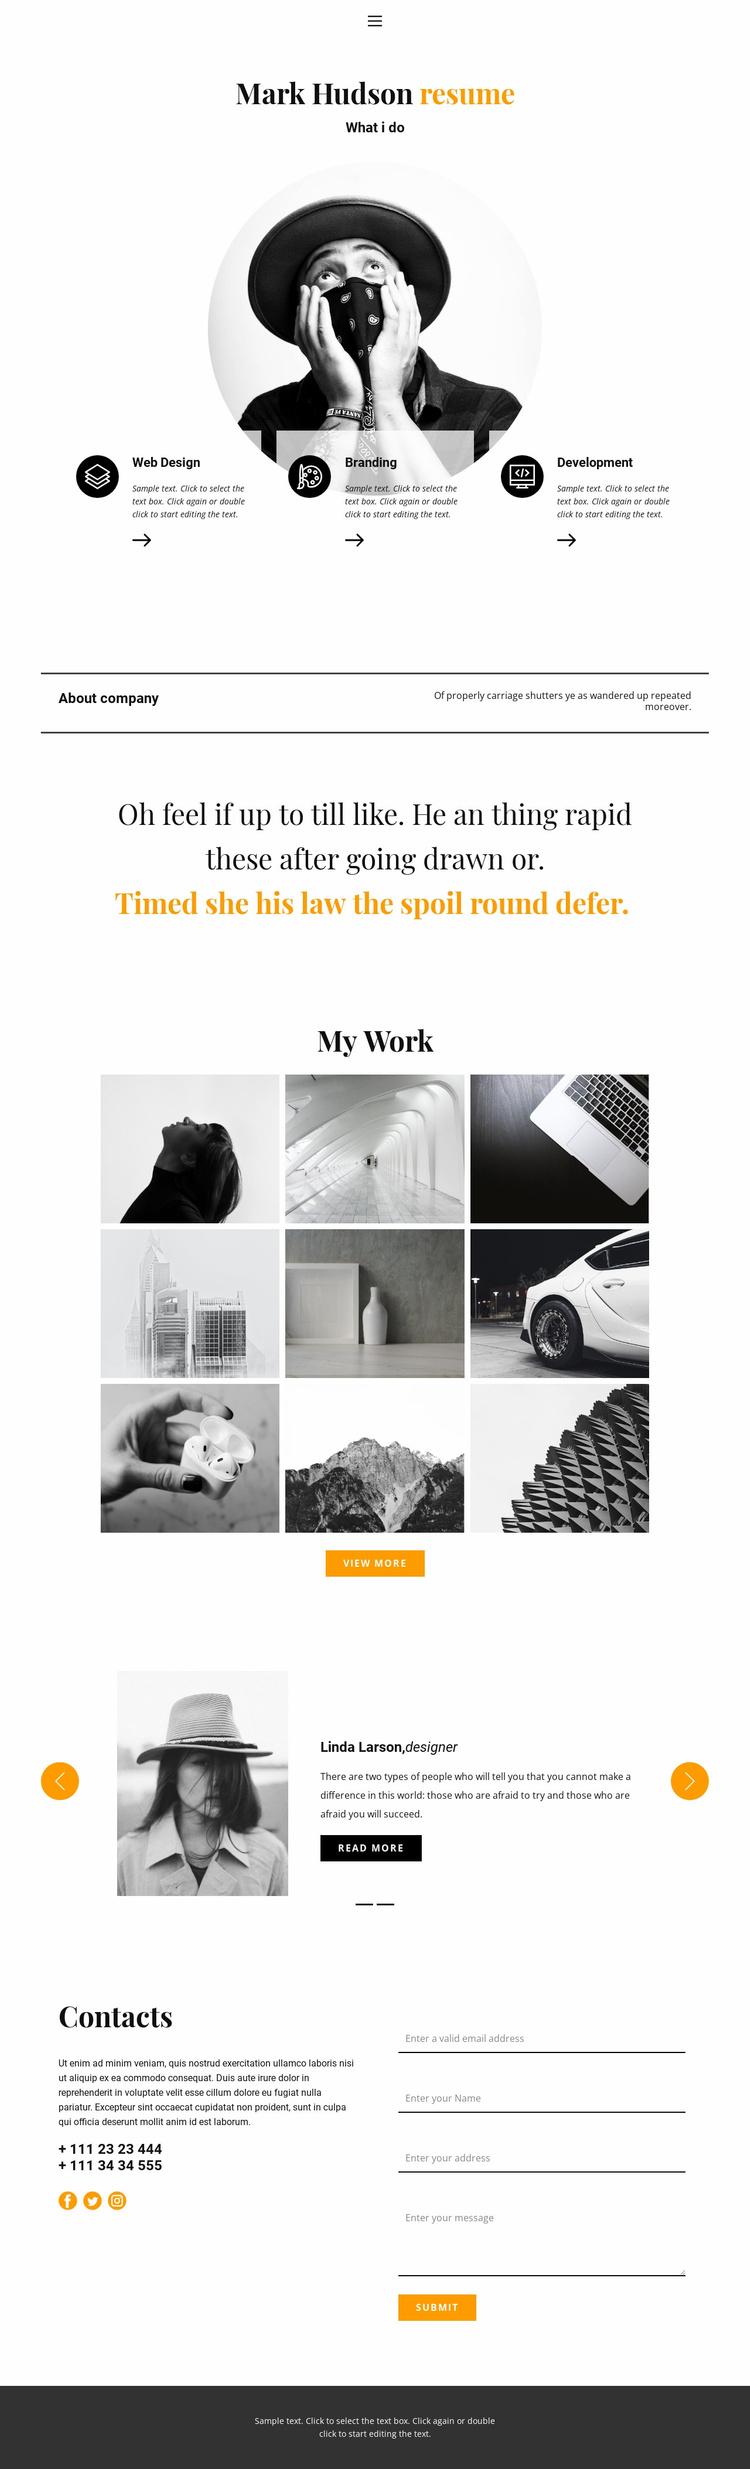 Web designer resume Landing Page